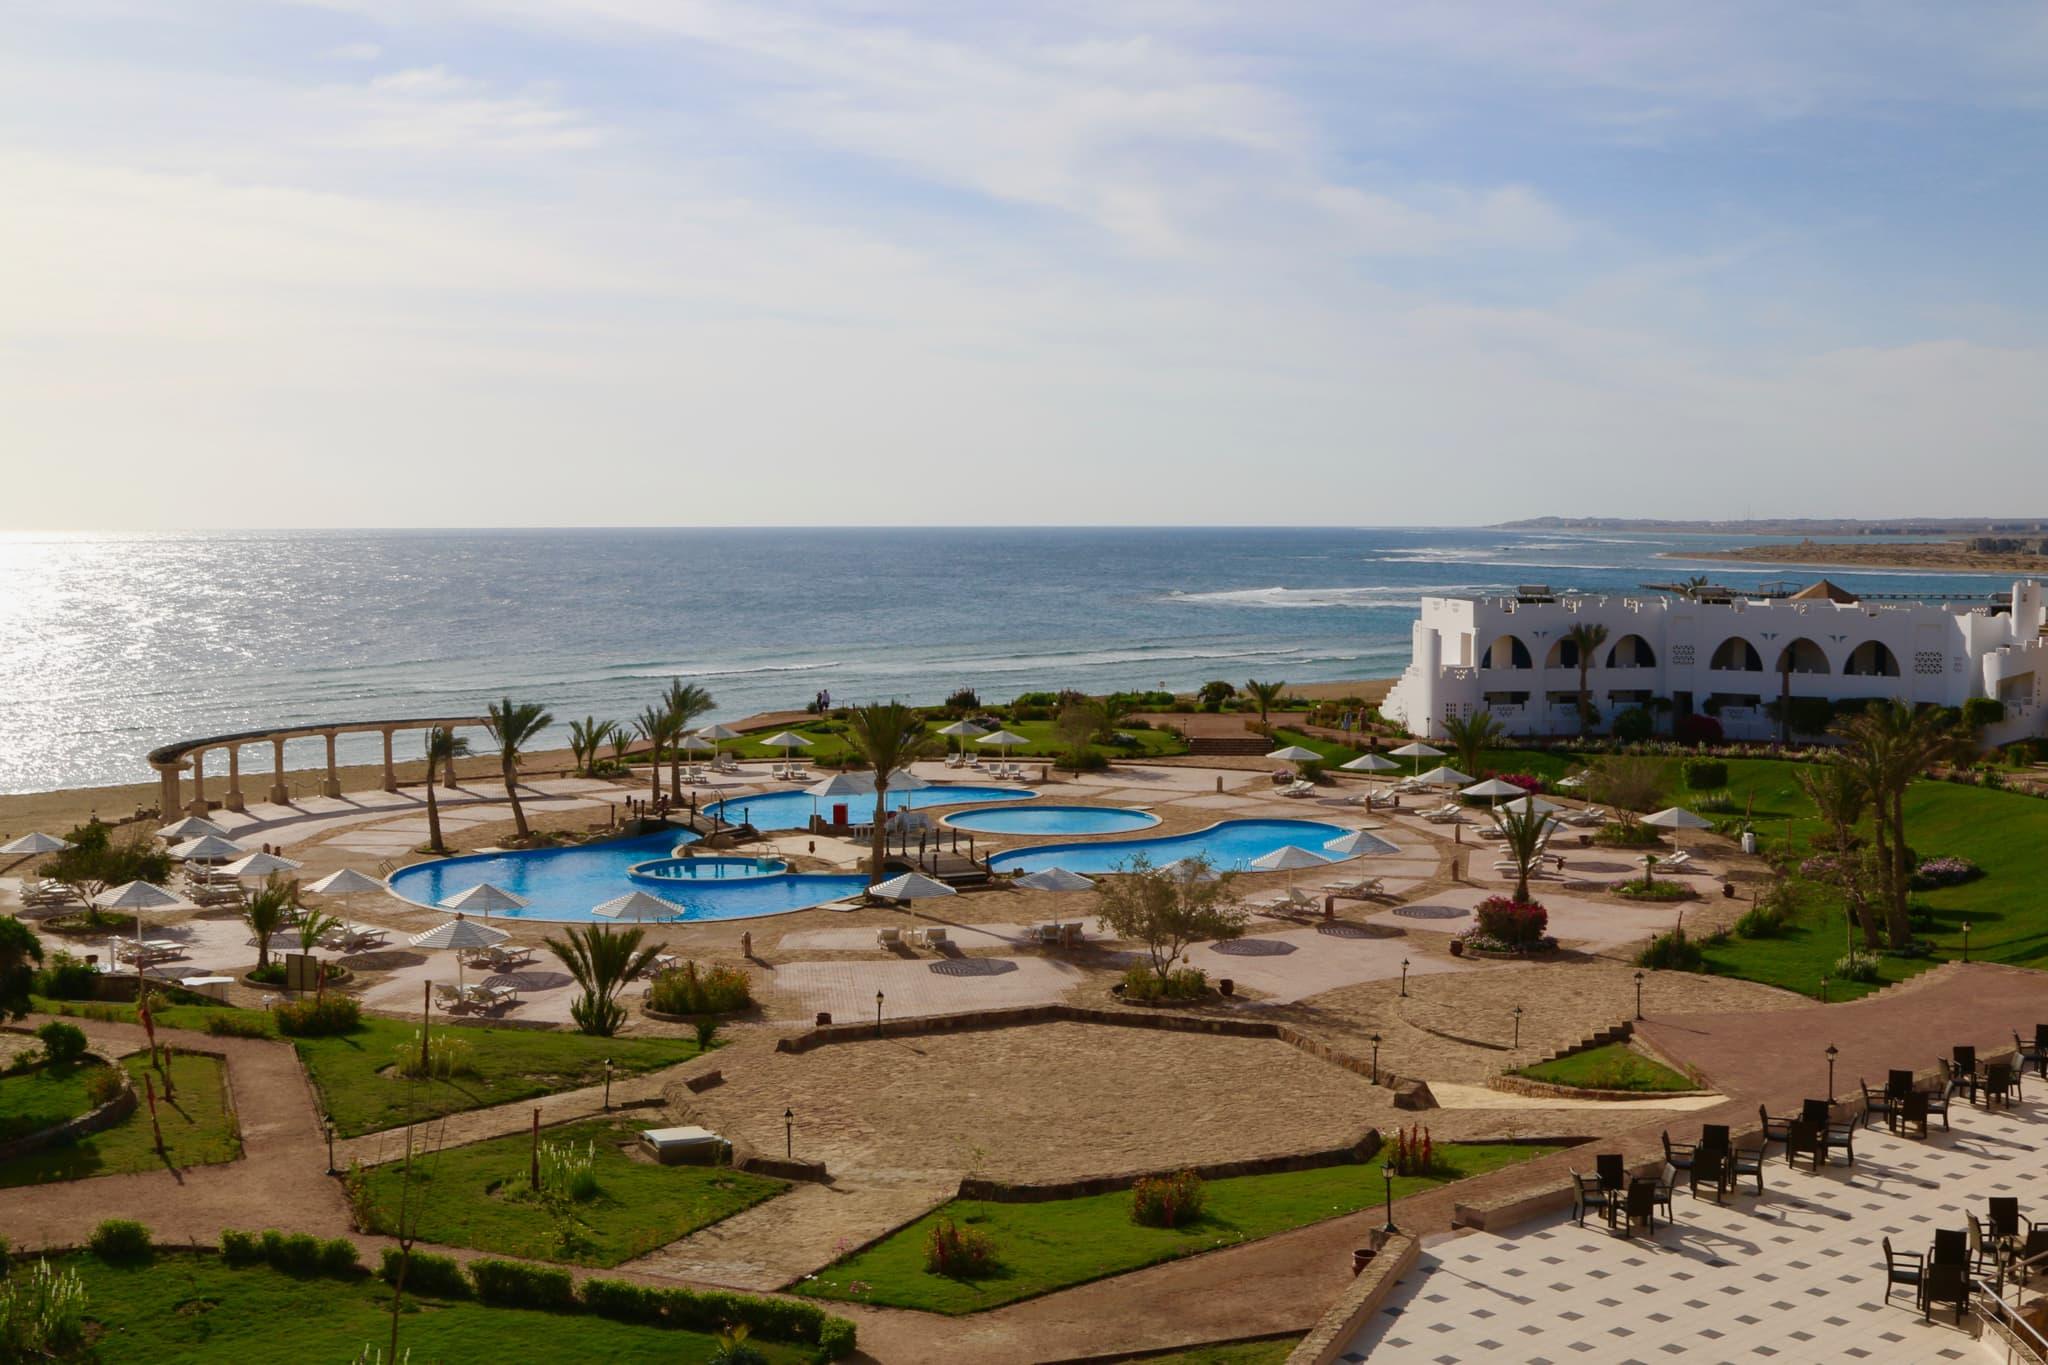 Wer jetzt nach Ägypten fliegt, hat mit etwas Glück Hotels und Tauchplätze noch halbwegs für sich. Foto: Sascha Tegtmeyer ägypten marsa alam hotel three corners equinox rotes meer